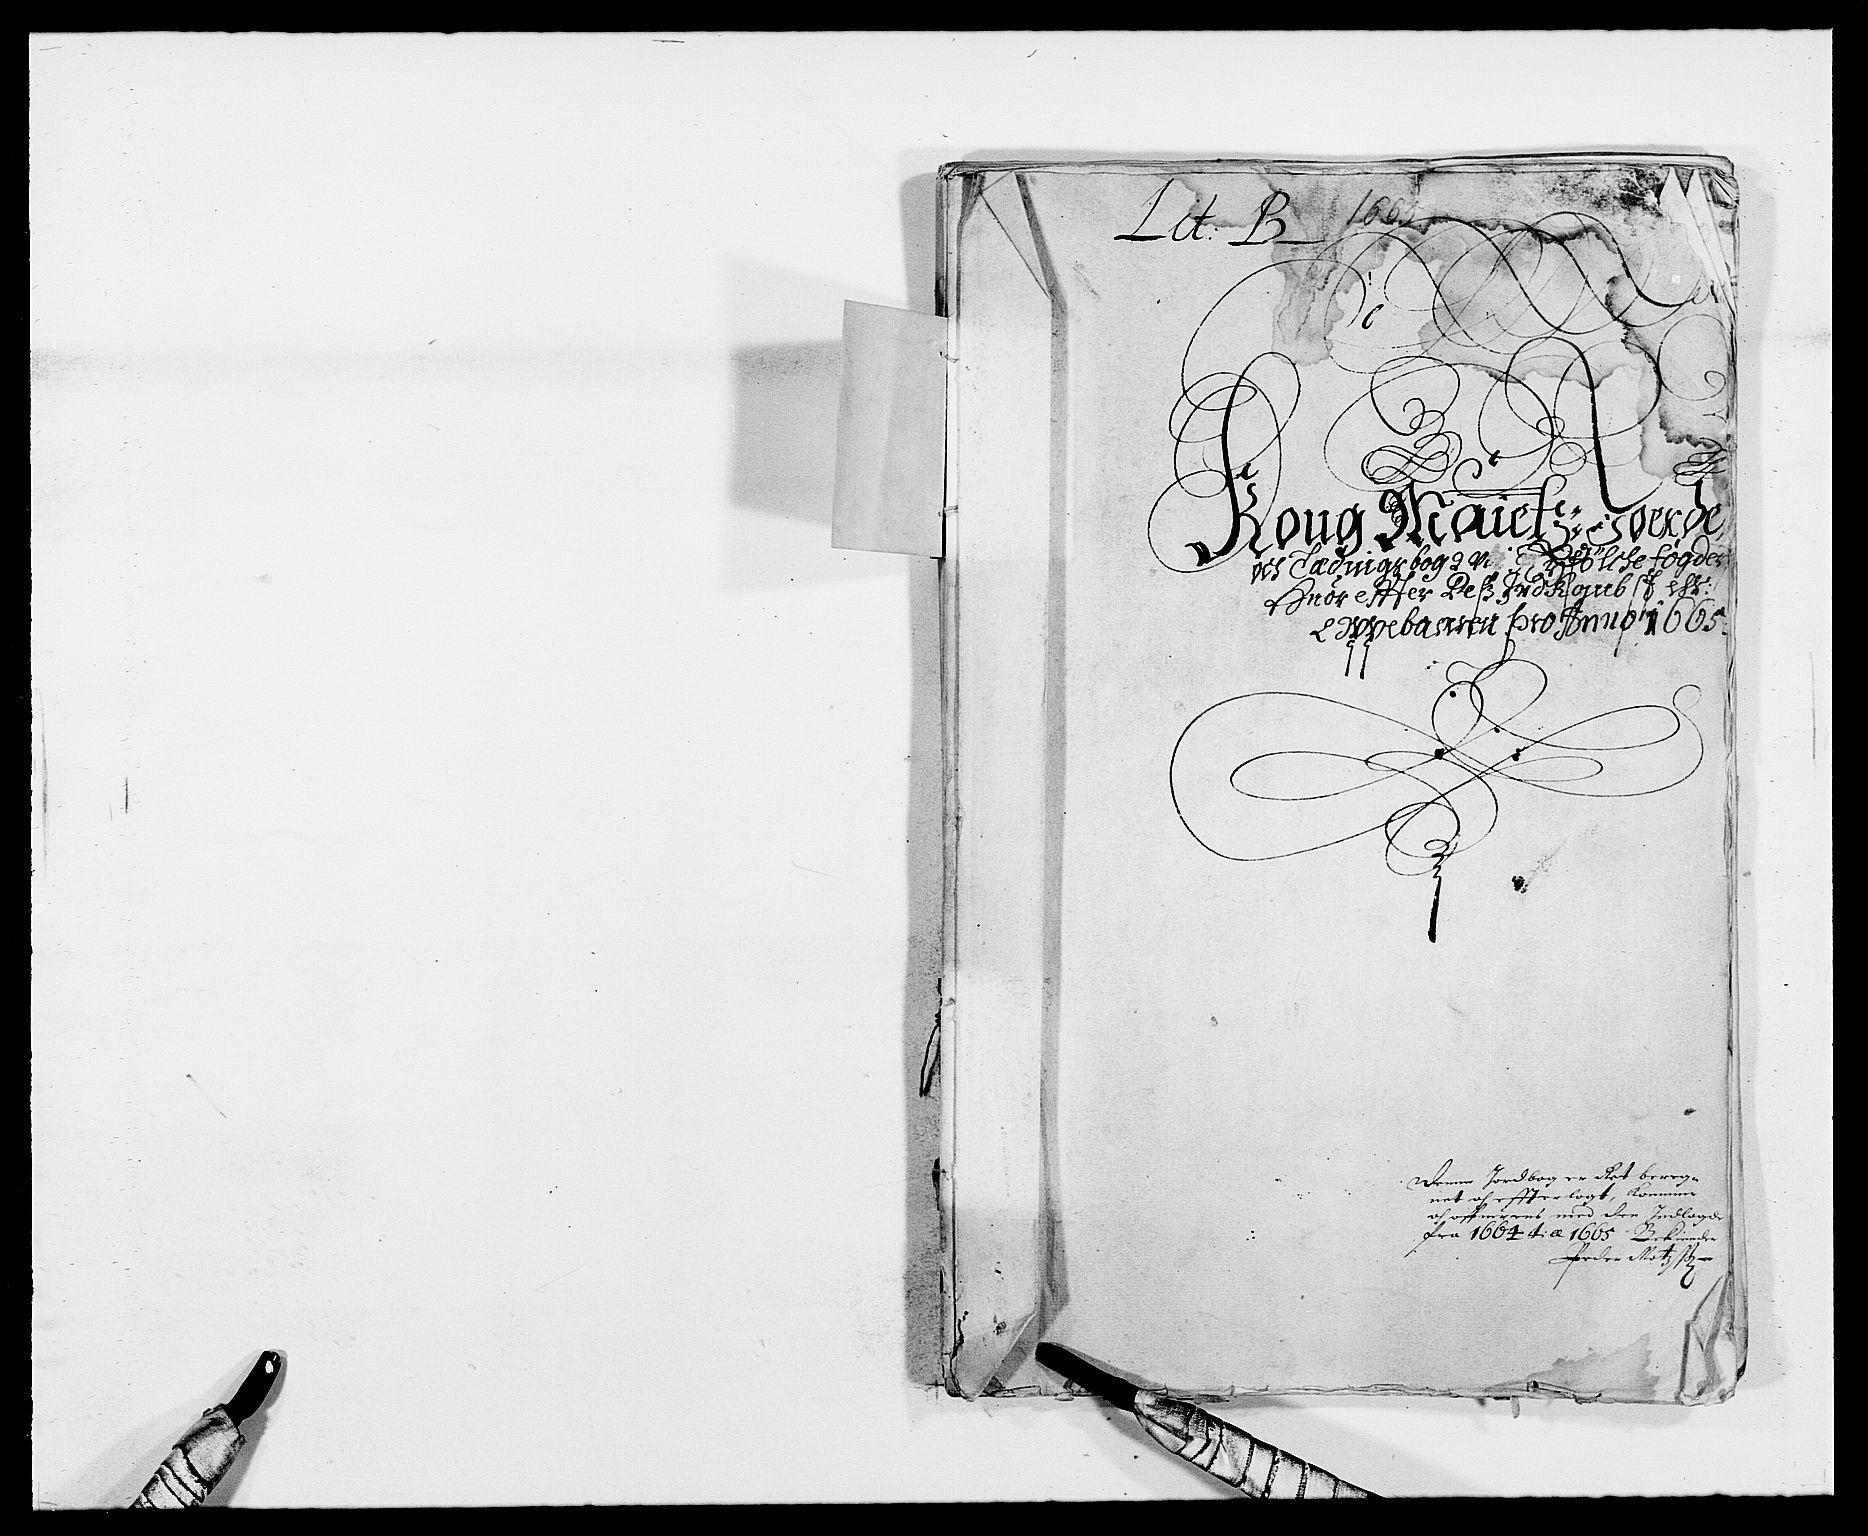 RA, Rentekammeret inntil 1814, Reviderte regnskaper, Fogderegnskap, R47/L2839: Fogderegnskap Ryfylke, 1665-1669, s. 20